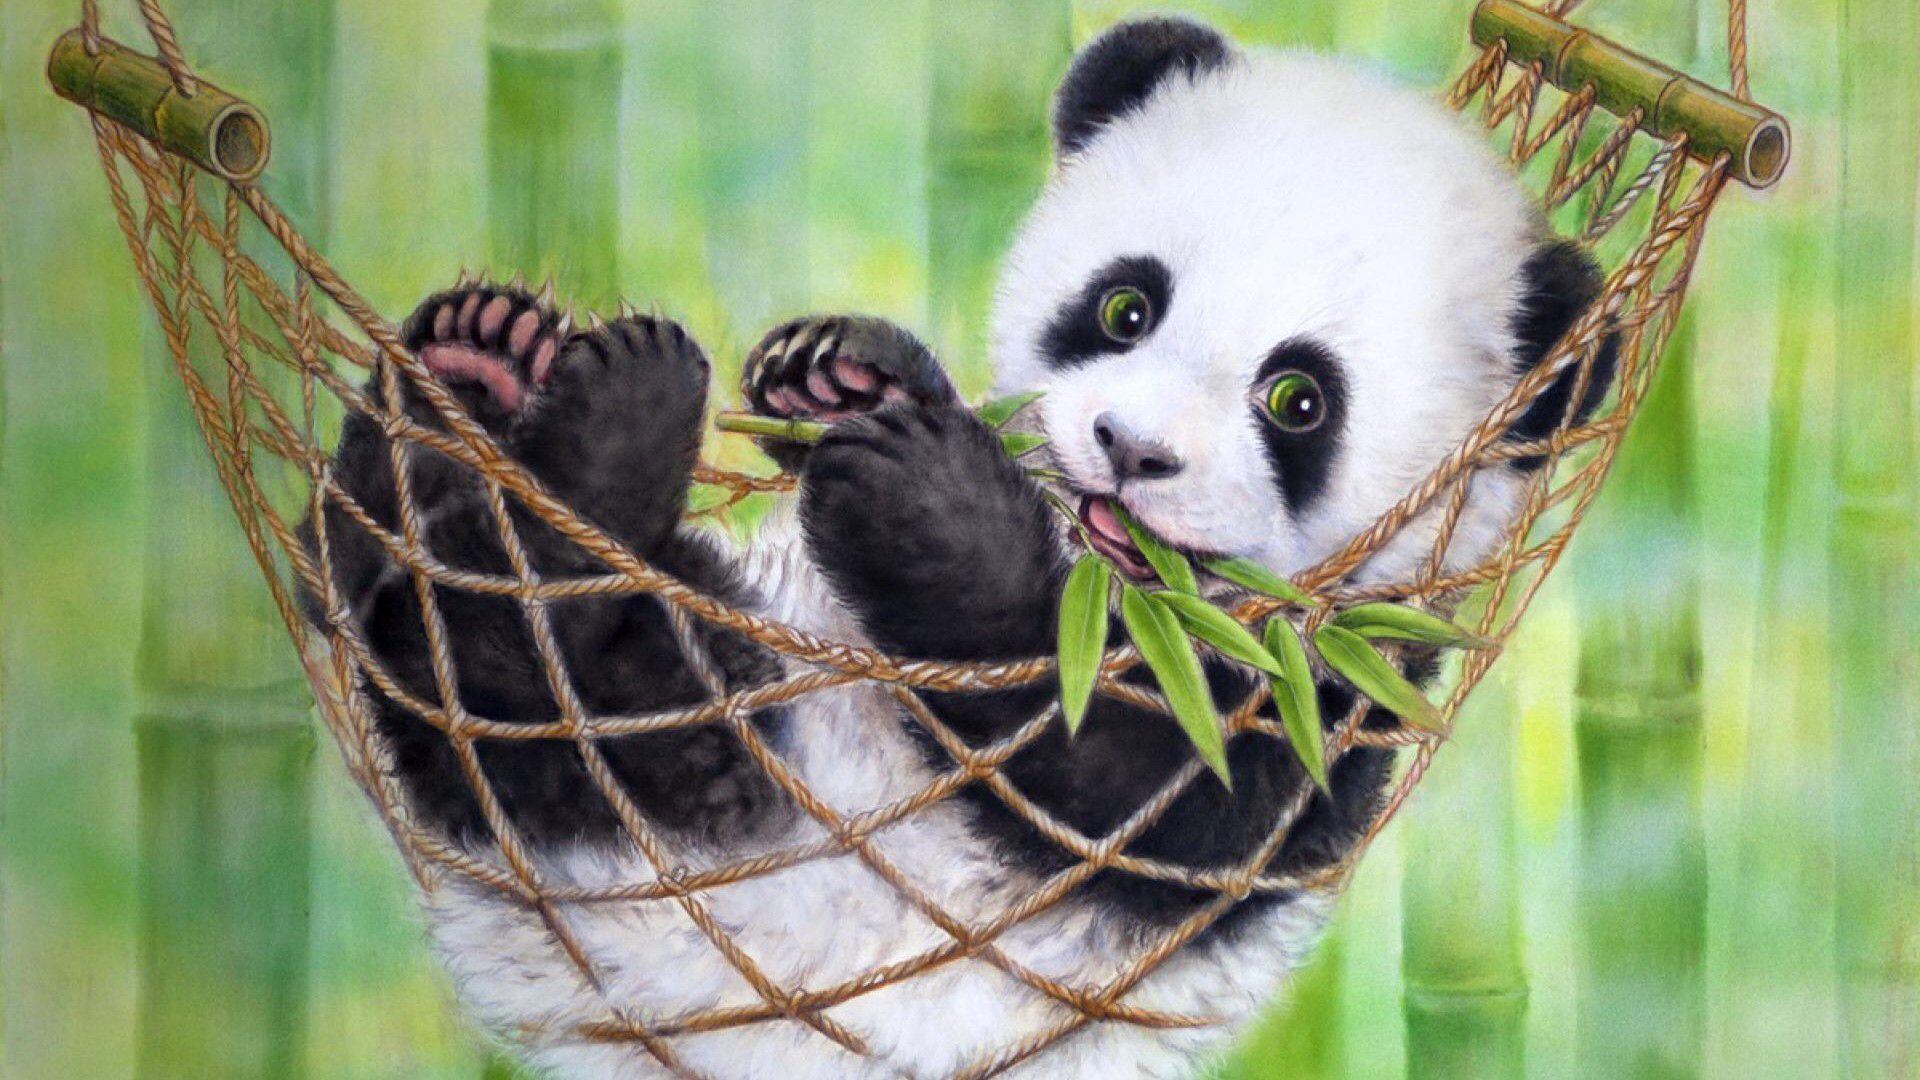 Hello There Panda Bears Wallpaper Panda Bear Baby Panda Bears Best of wallpaper cute baby panda cute